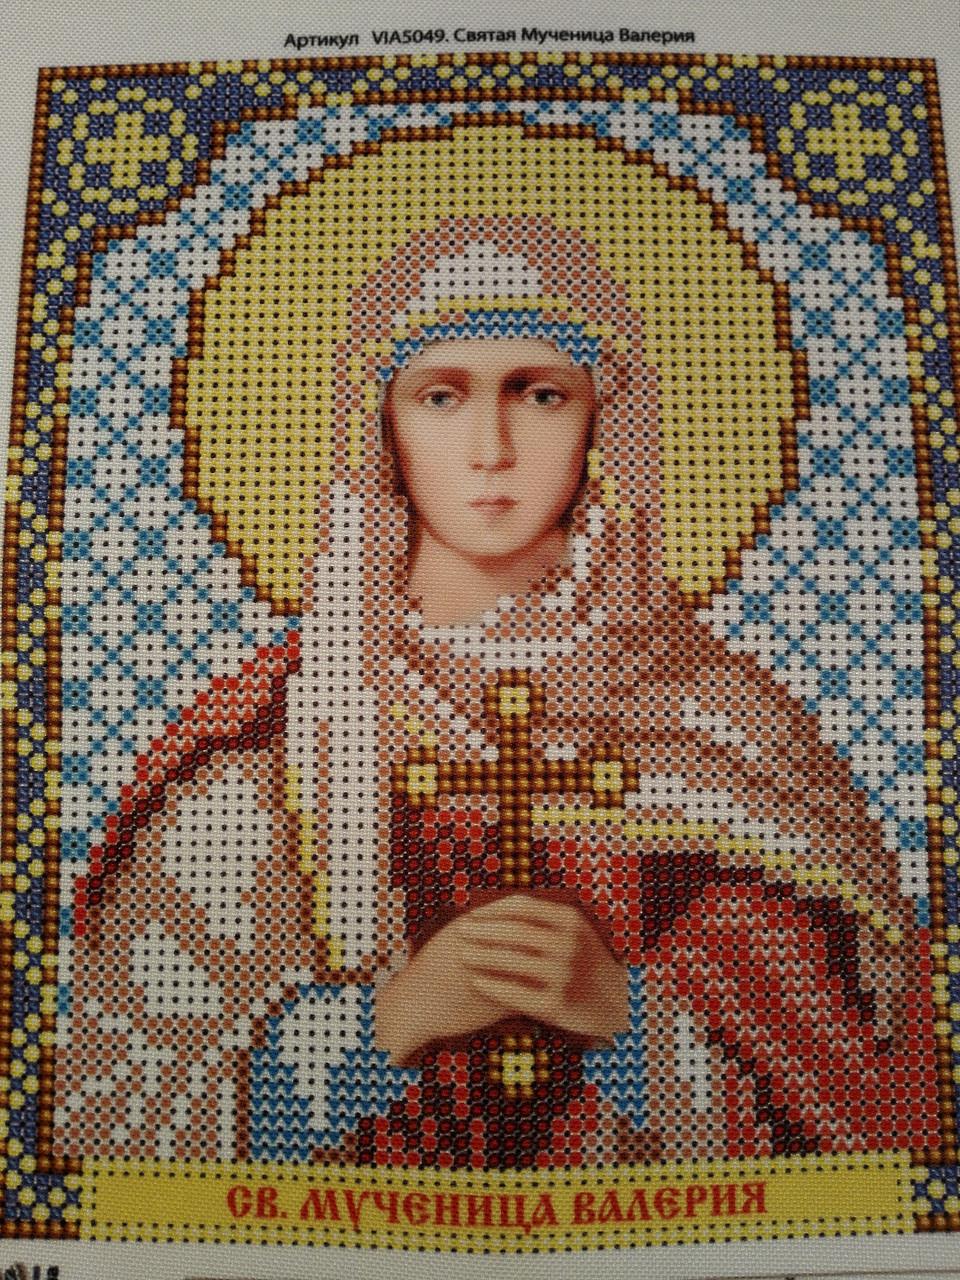 Набор для вышивки бисером икона Святая Мученица Валерия VIA 5049